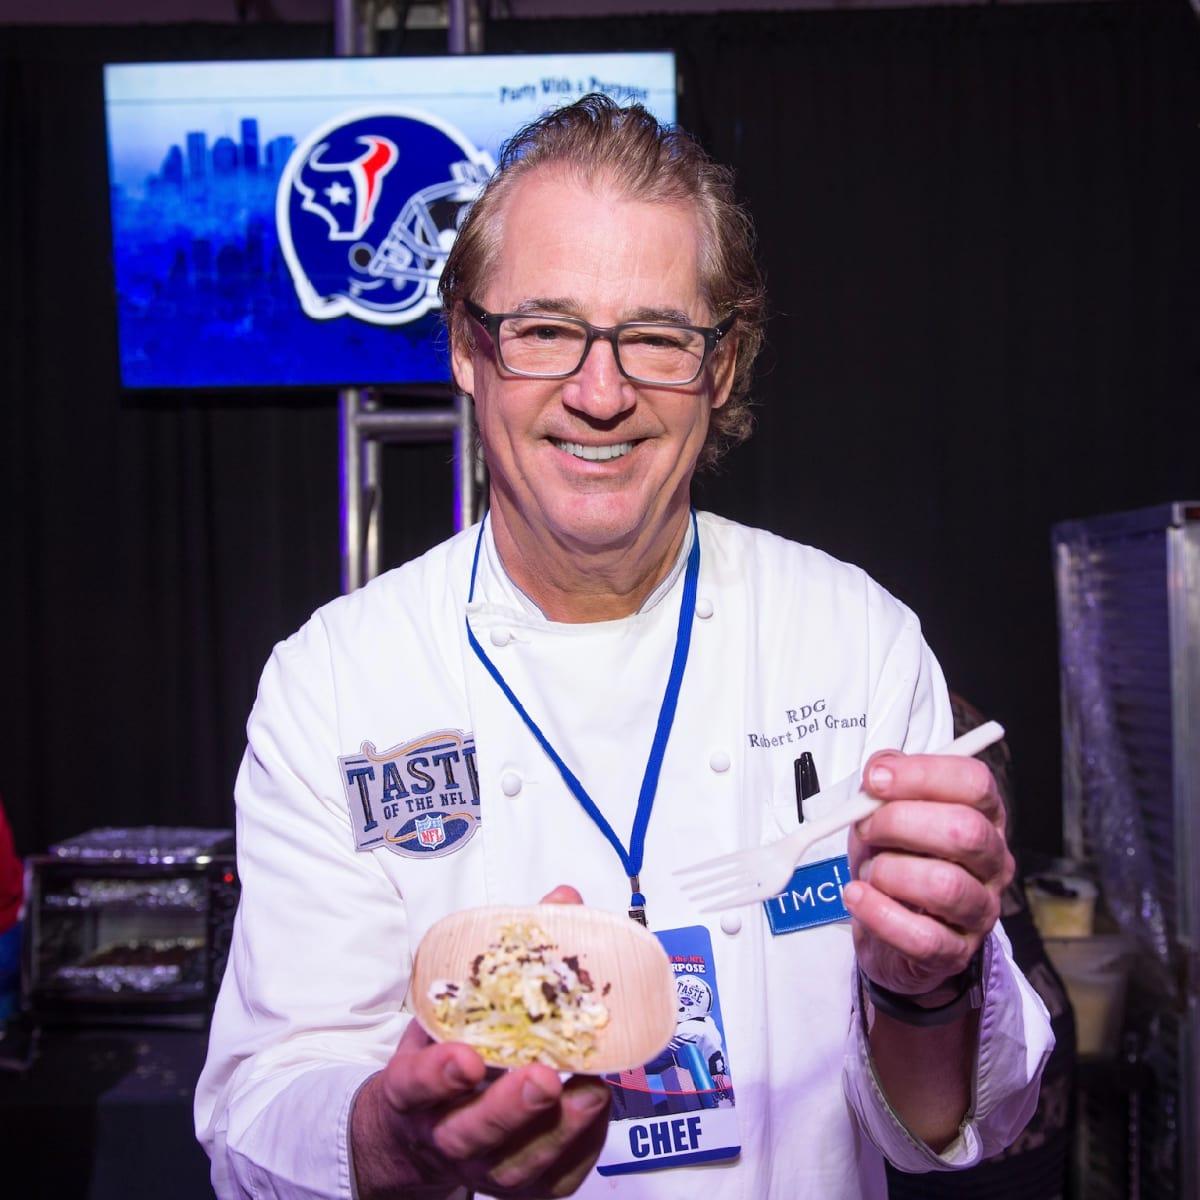 Taste of the NFL Robert Del Grande Cafe Annie